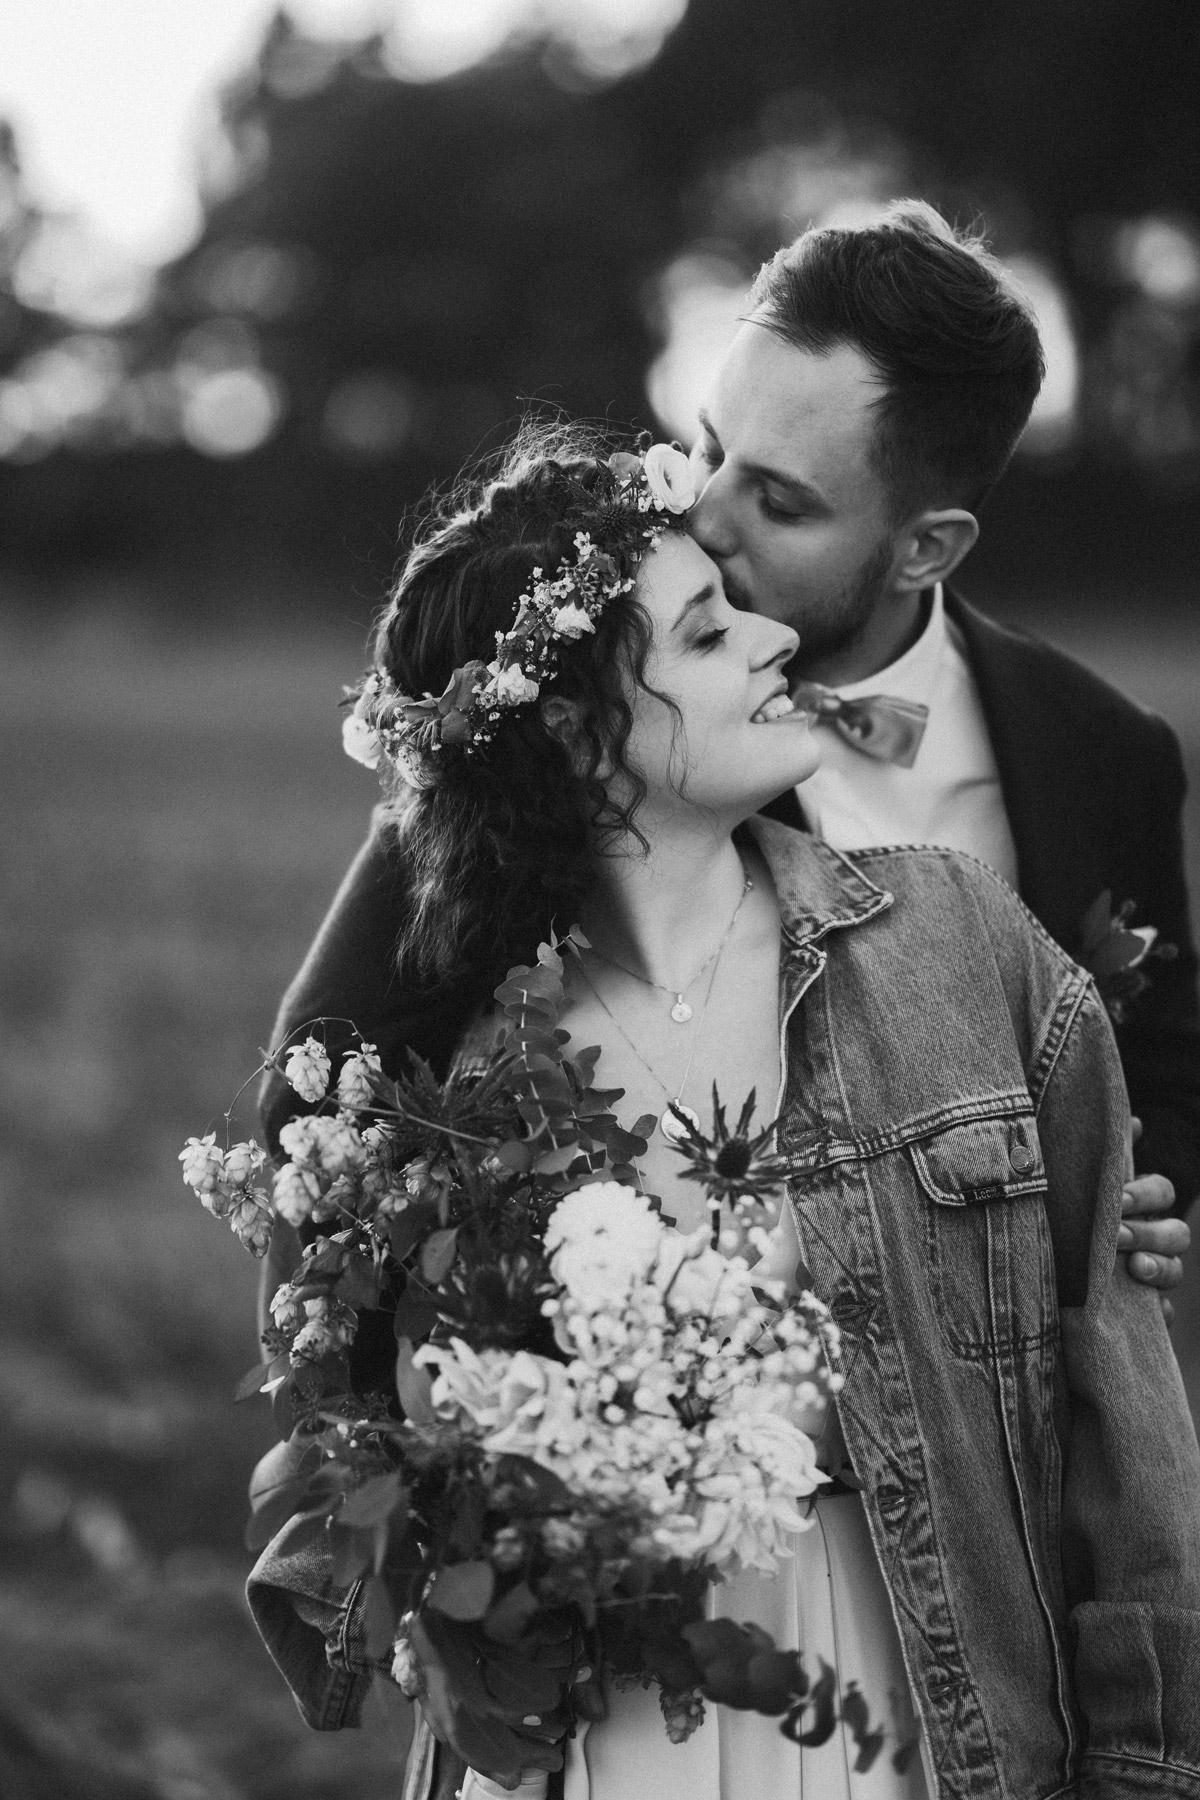 Brautpaarshooting Idee, Hochzeitsfotos in Schwarz Weiß, Hochzeitspaarfotos, moderne Hochzeitsportraits, Braut in Jeansjacke © www.hochzeitslicht.de #hochzeitslicht #paarfotoshooting #hochzeitsfoto